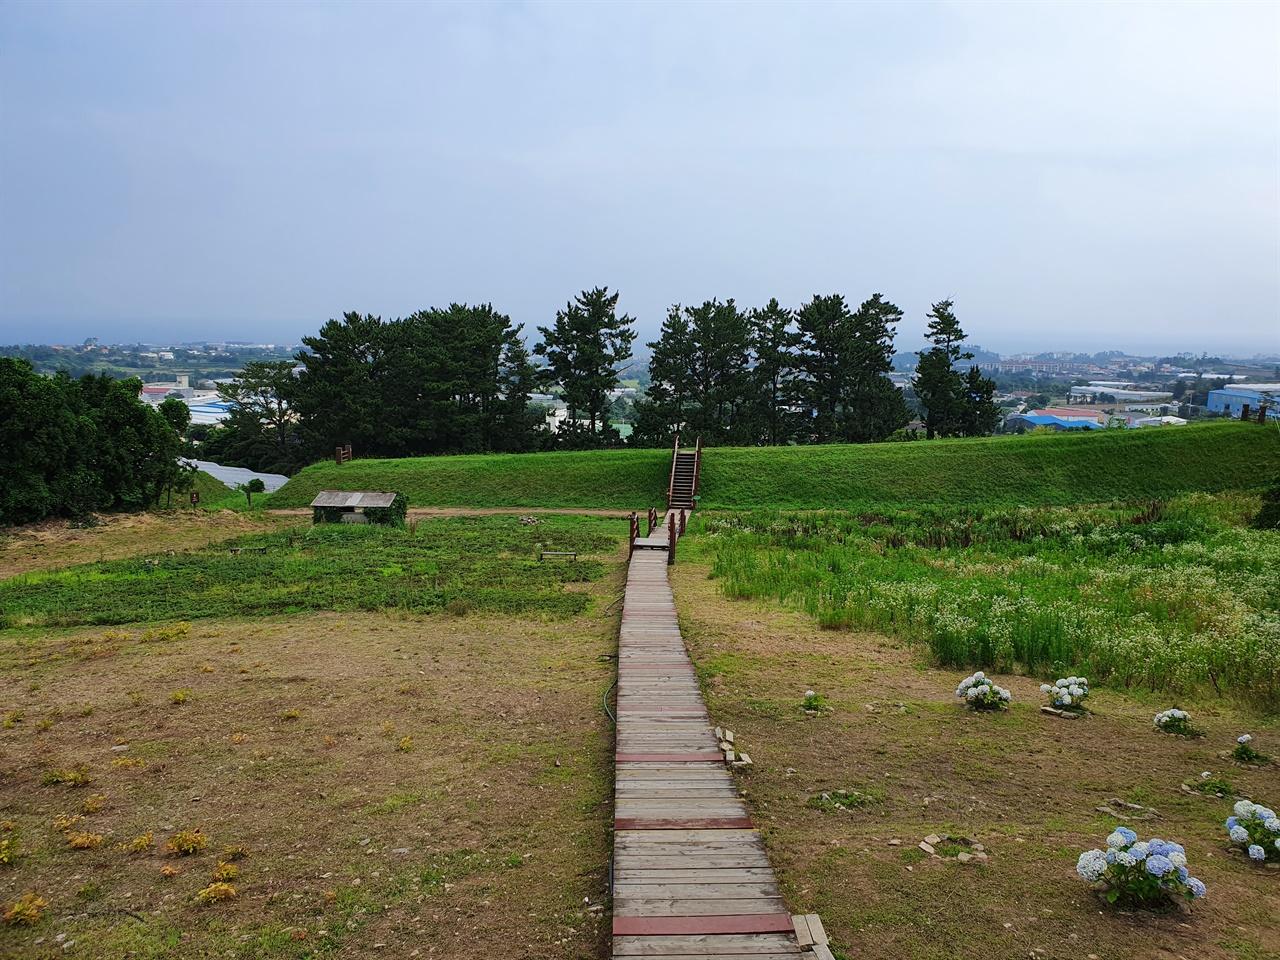 작은 돌을 약간 함유한 흙을 쌓고 다지기를 반복하면서 단단하게 조성된 3.8킬로의 토성은 잔디와 풀이 덮여 있어 걷기에 좋다.